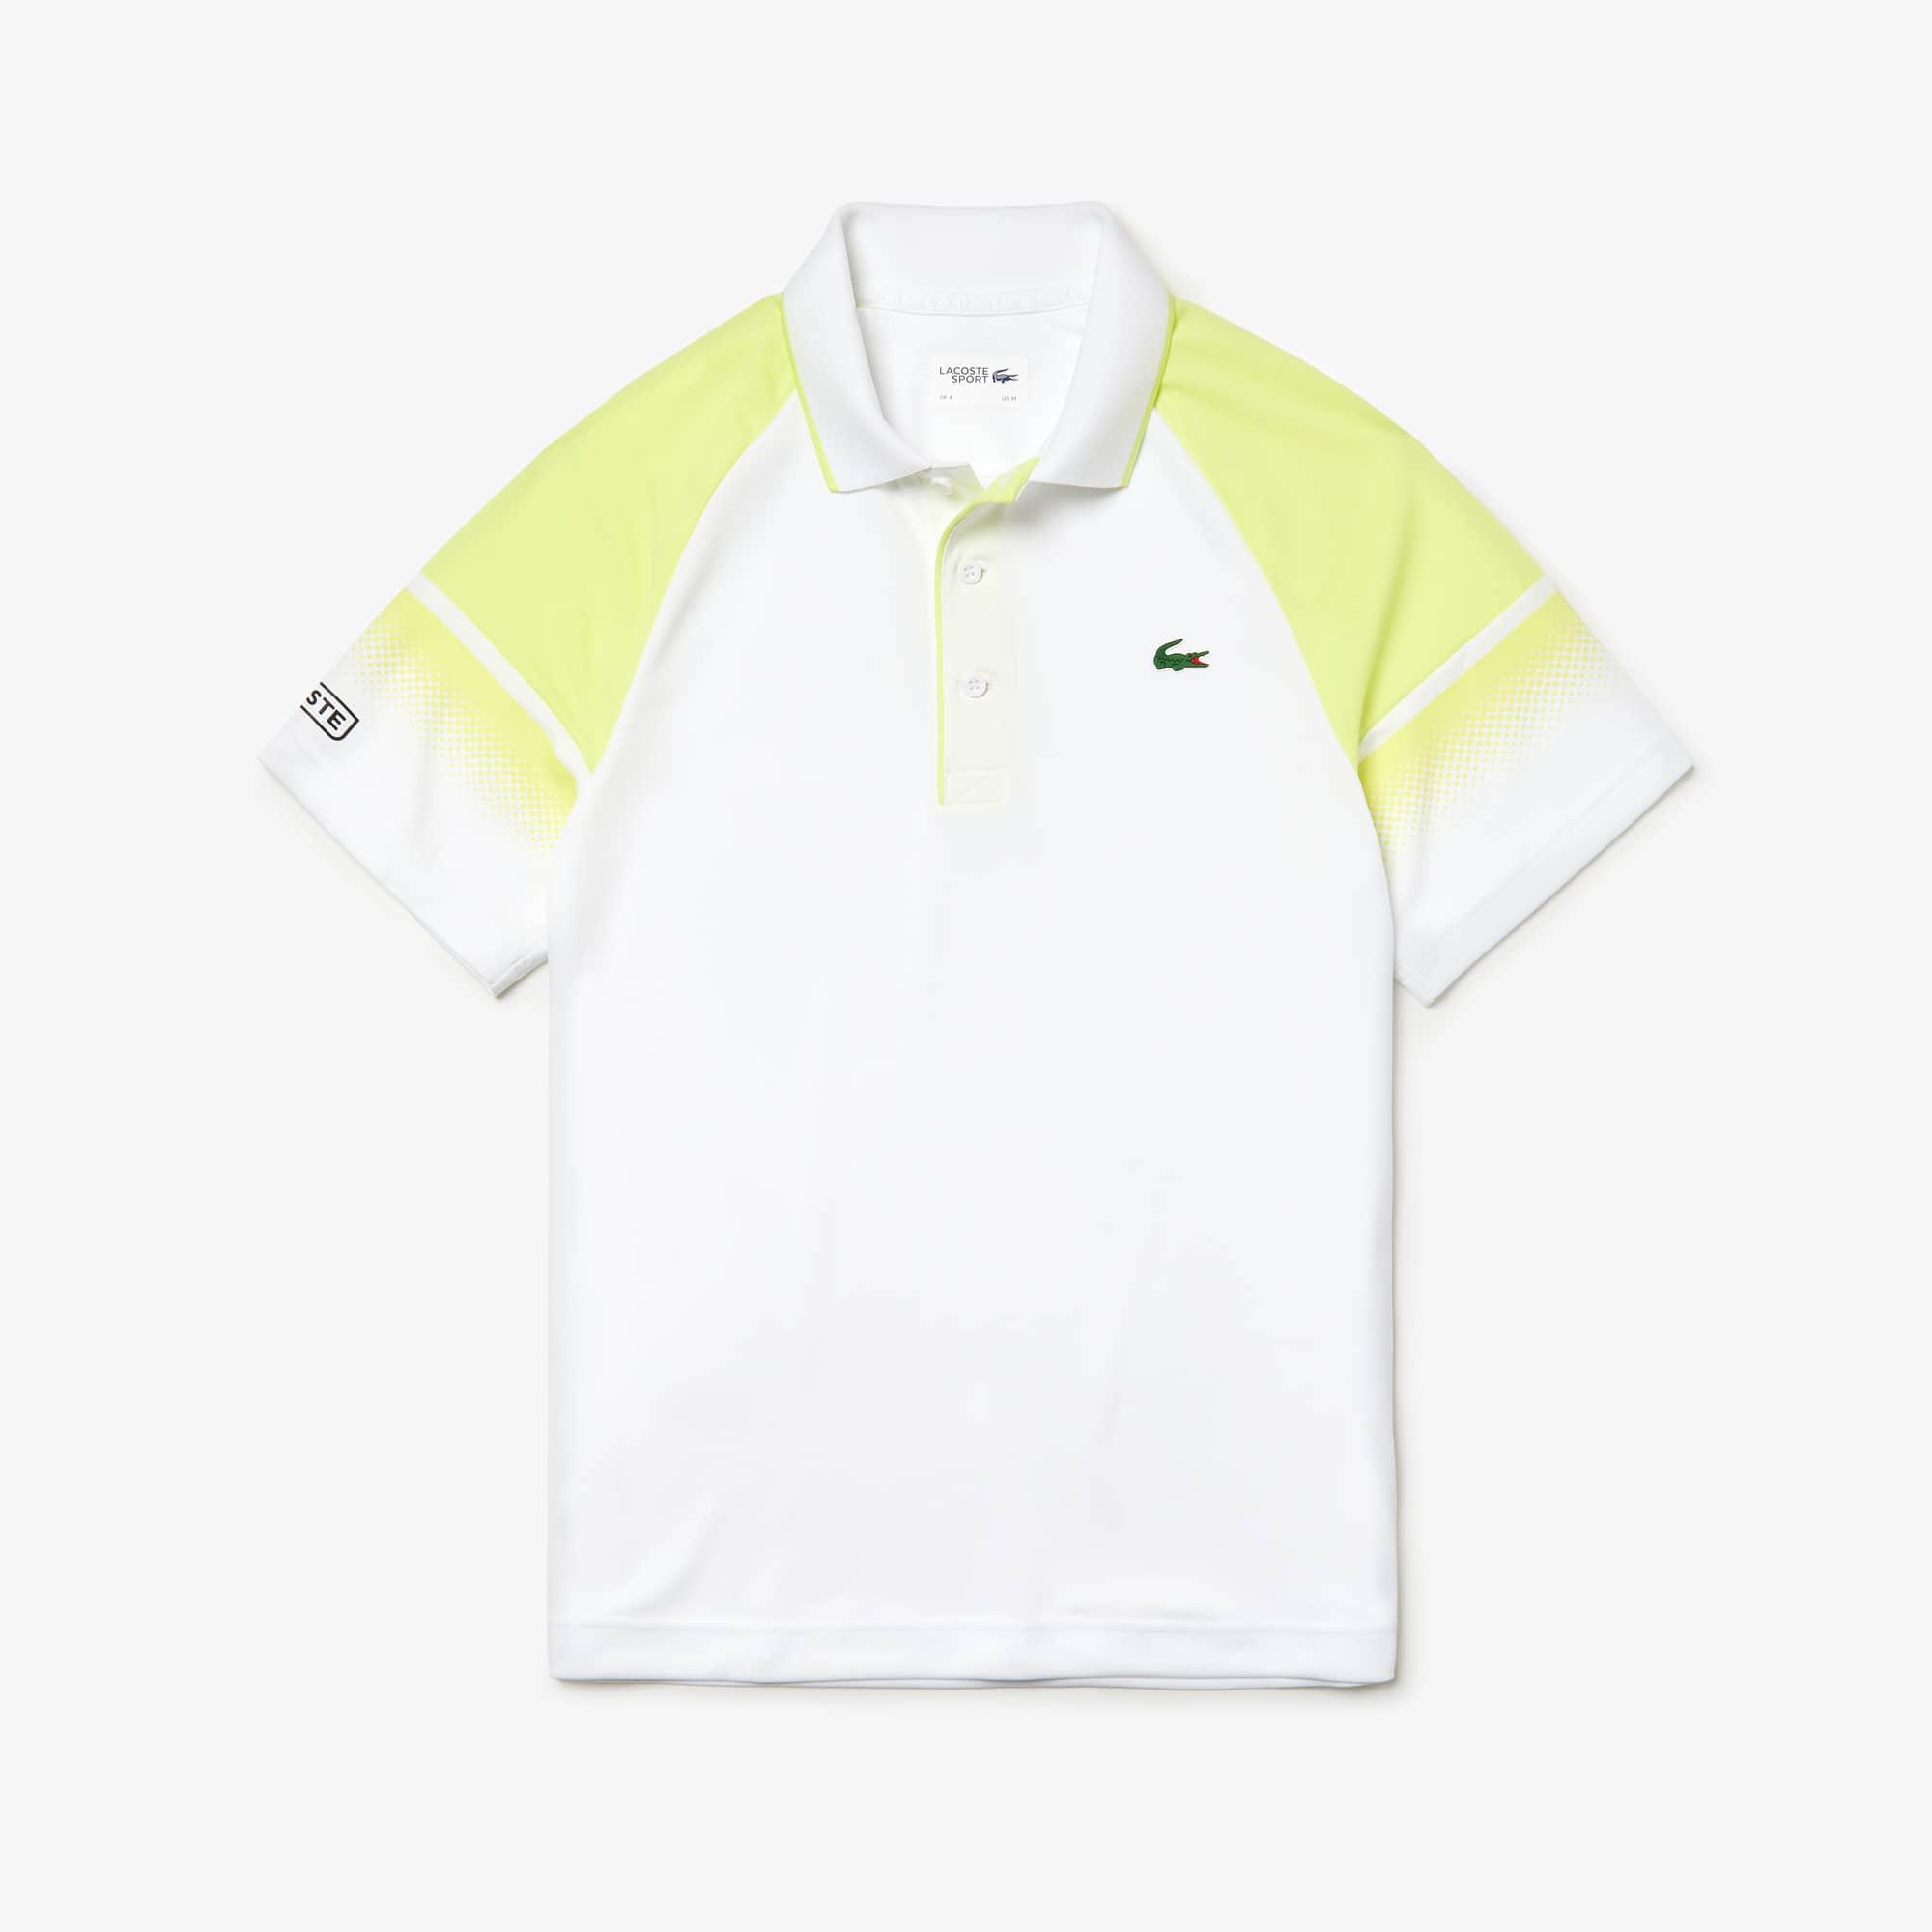 5b711cc274d Lacoste SPORT Tennis-poloshirt heren technisch piqué met vervaagd colorblock